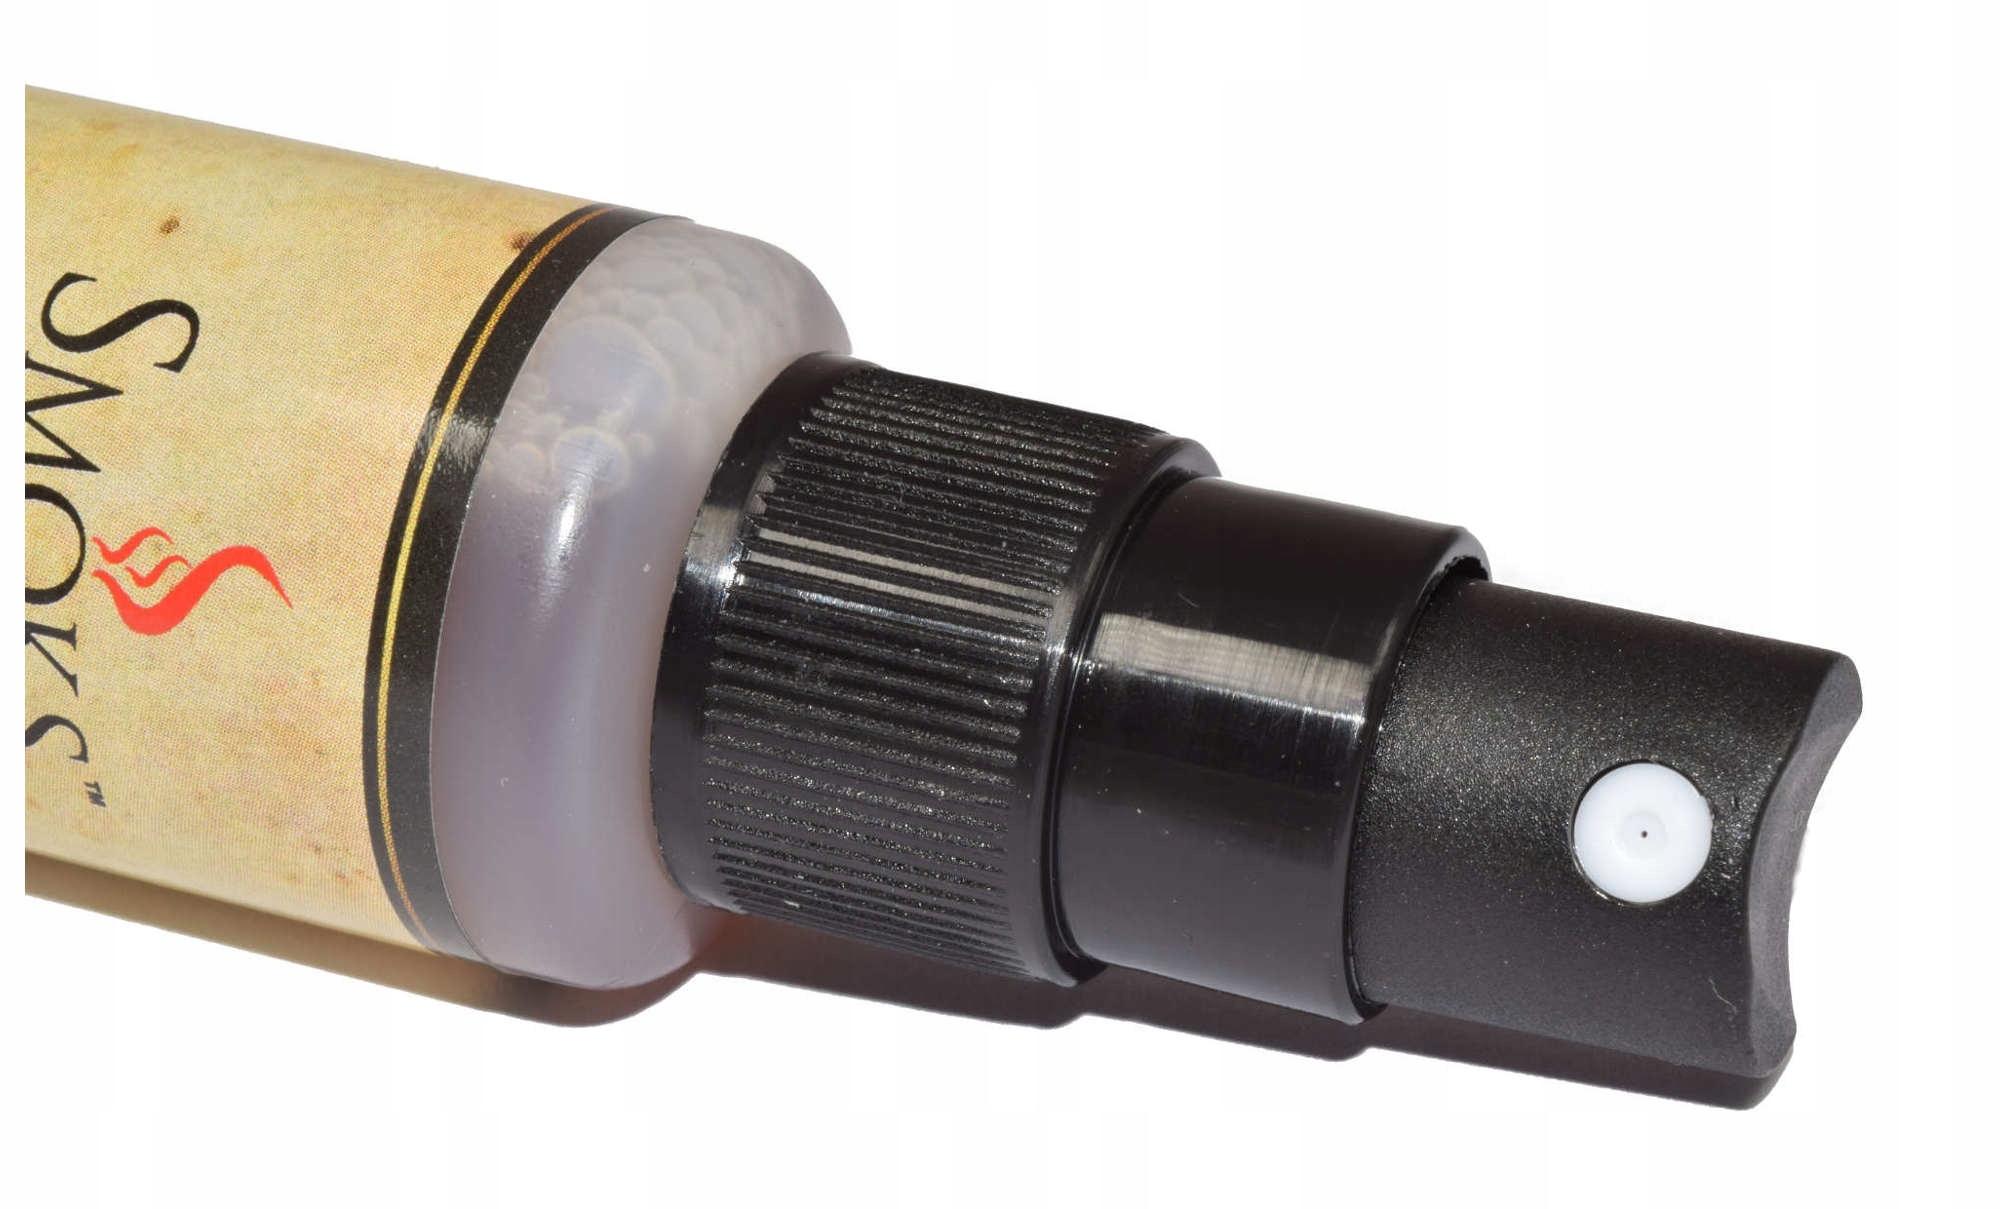 Курение STD Янтарный табак Ароматизатор 30 мл